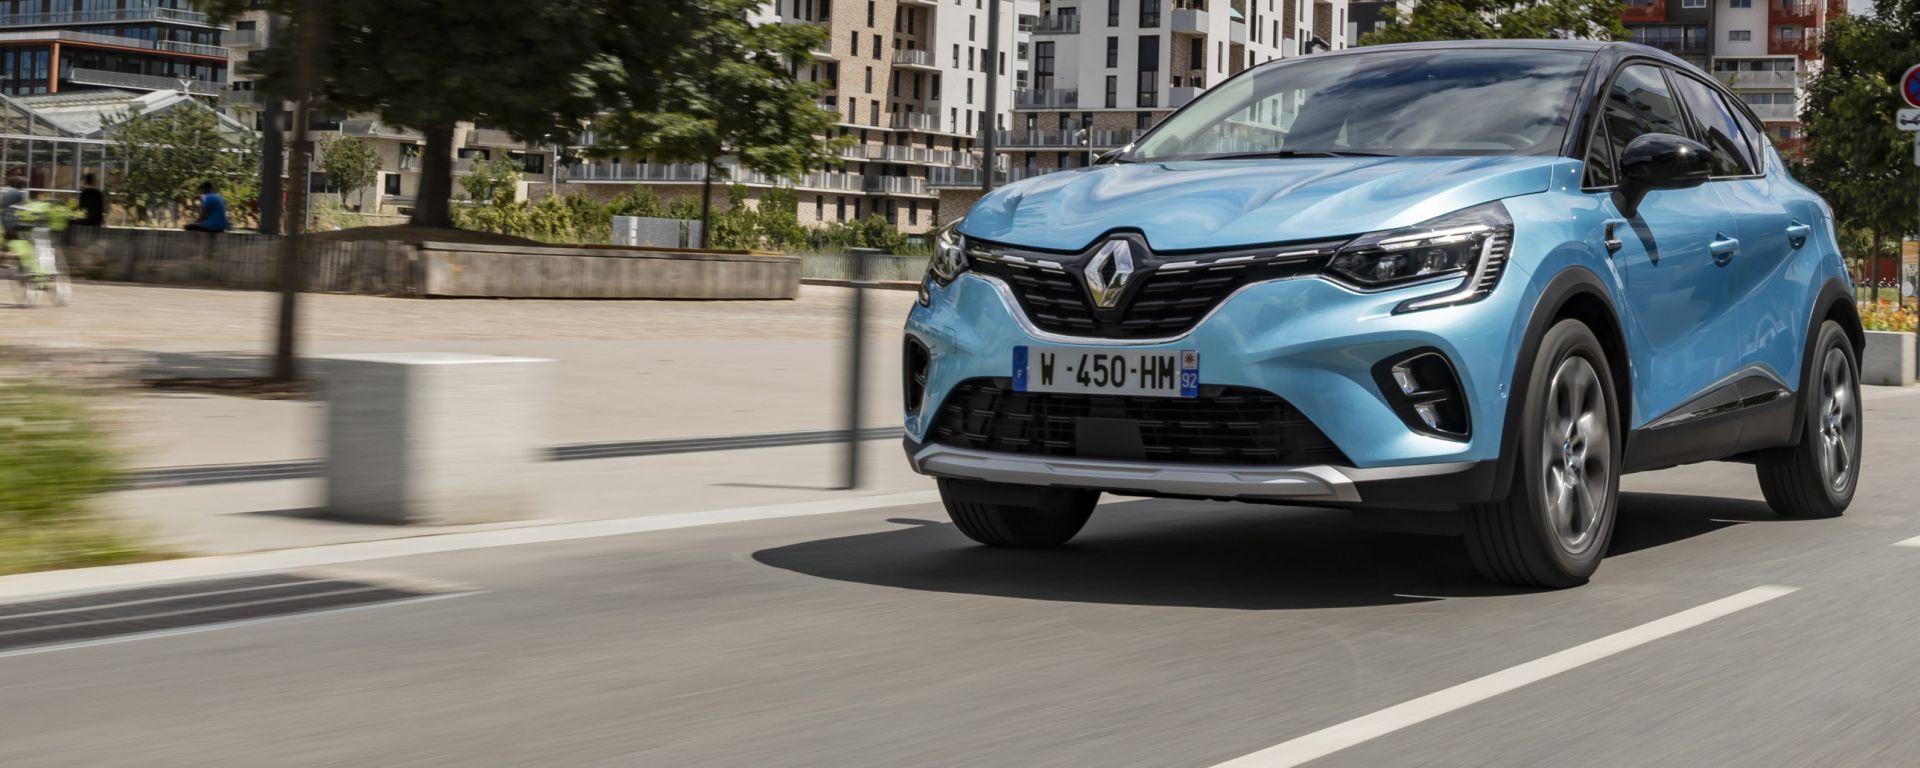 Nuova Renault Captur E-Tech Plug-in